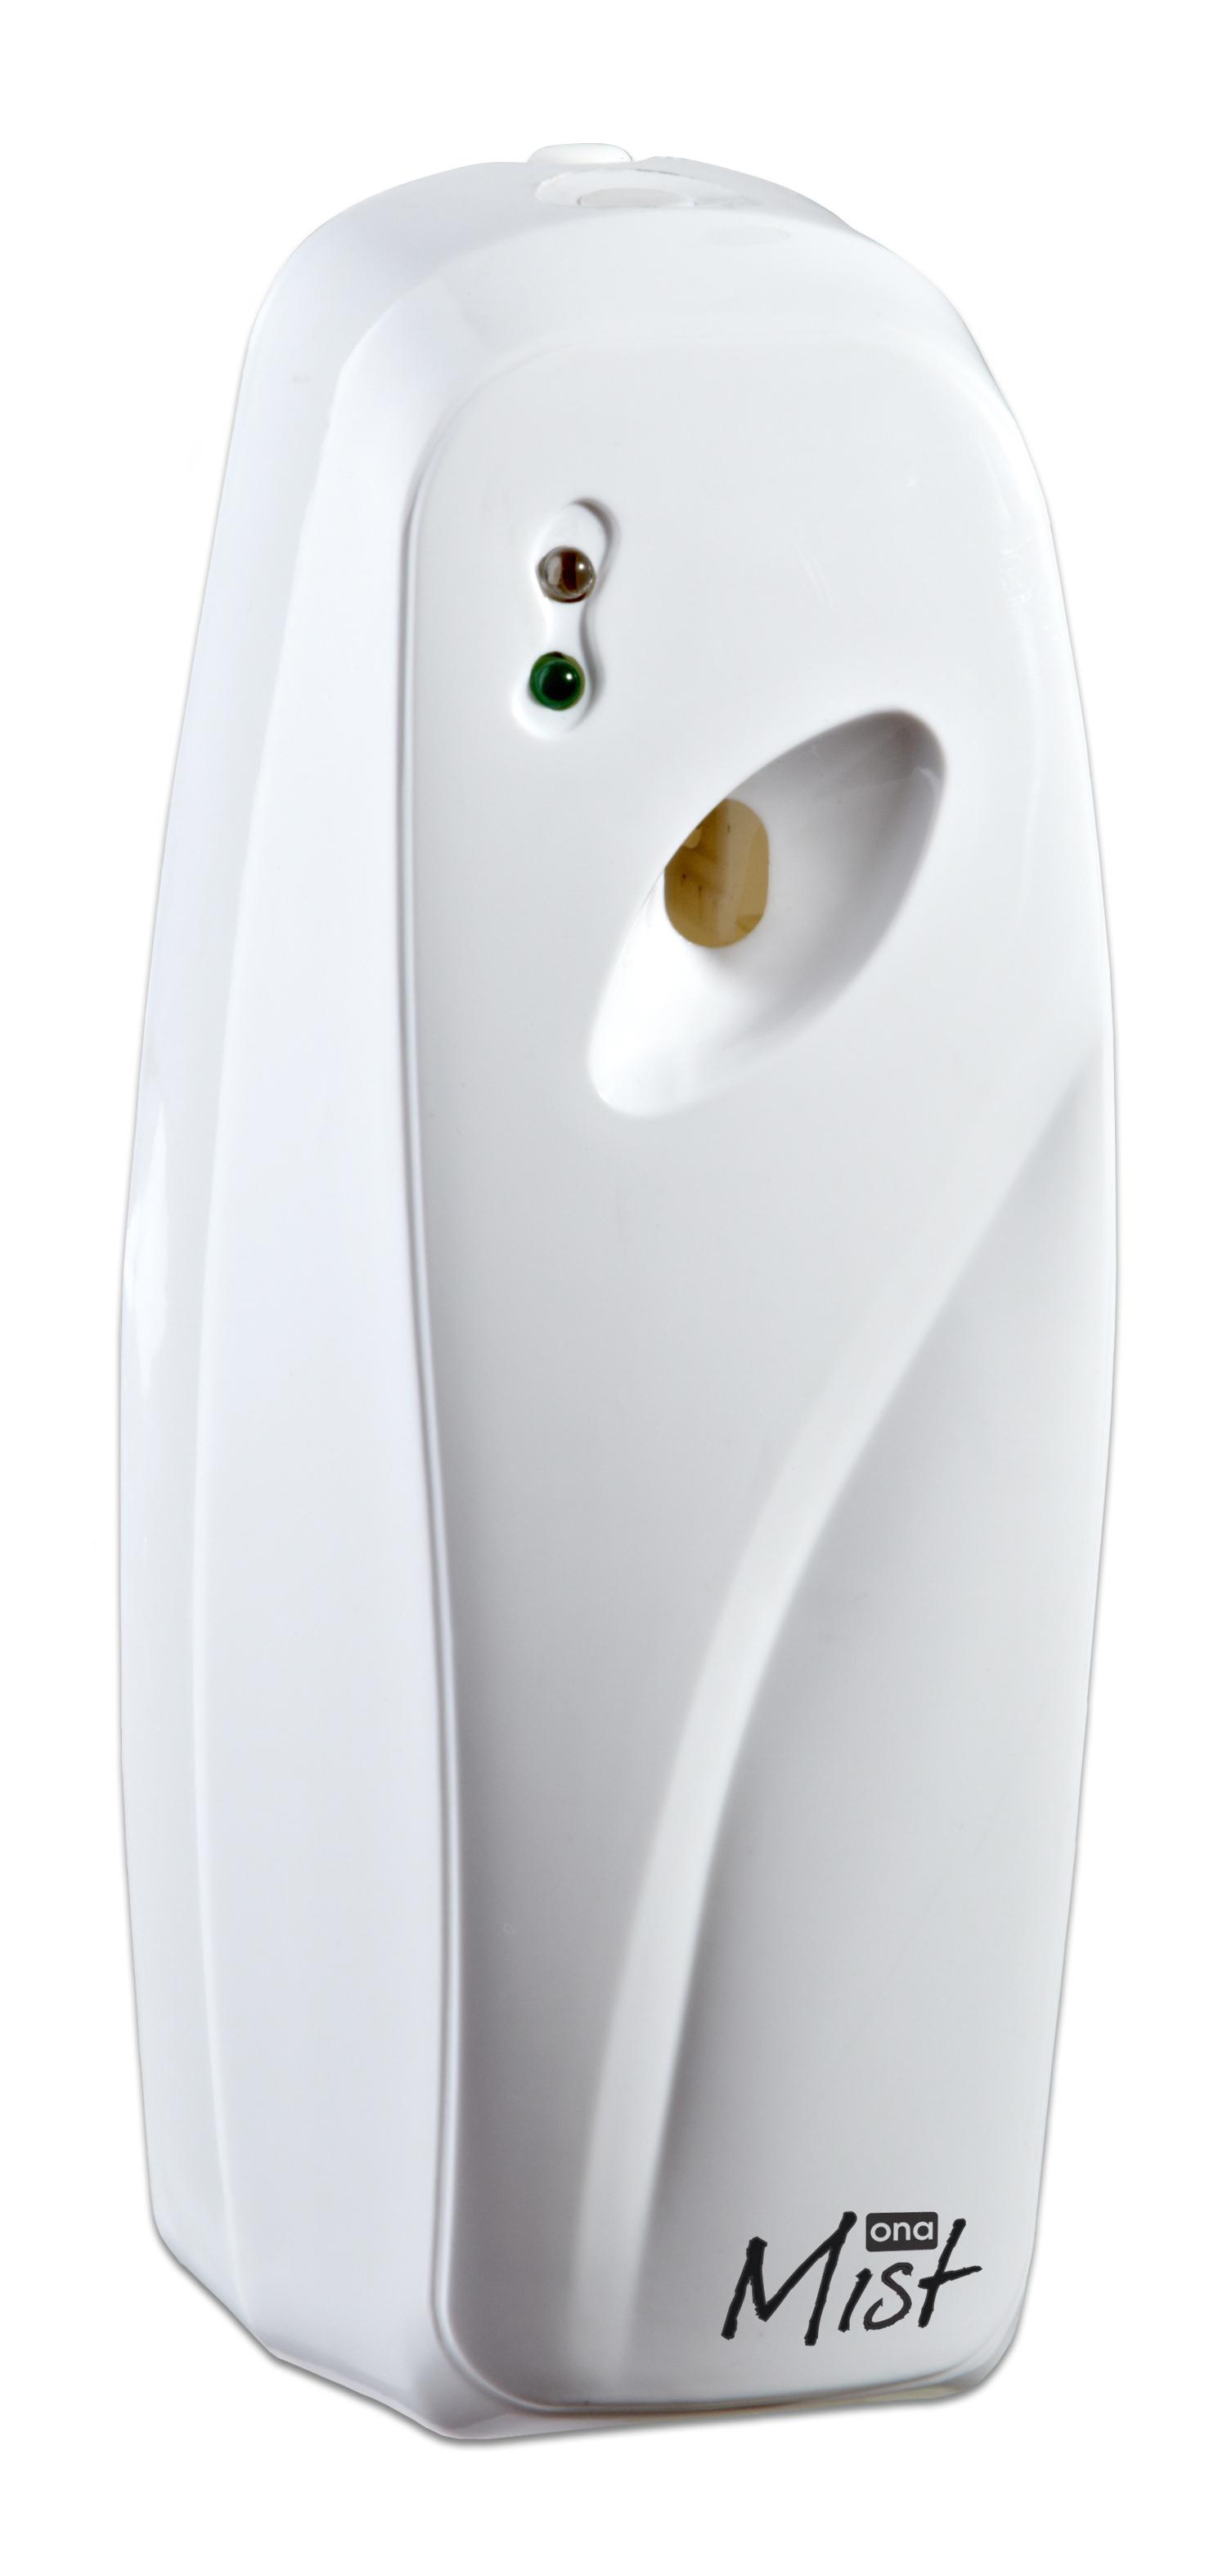 Mist-Dispenser1.1-nb